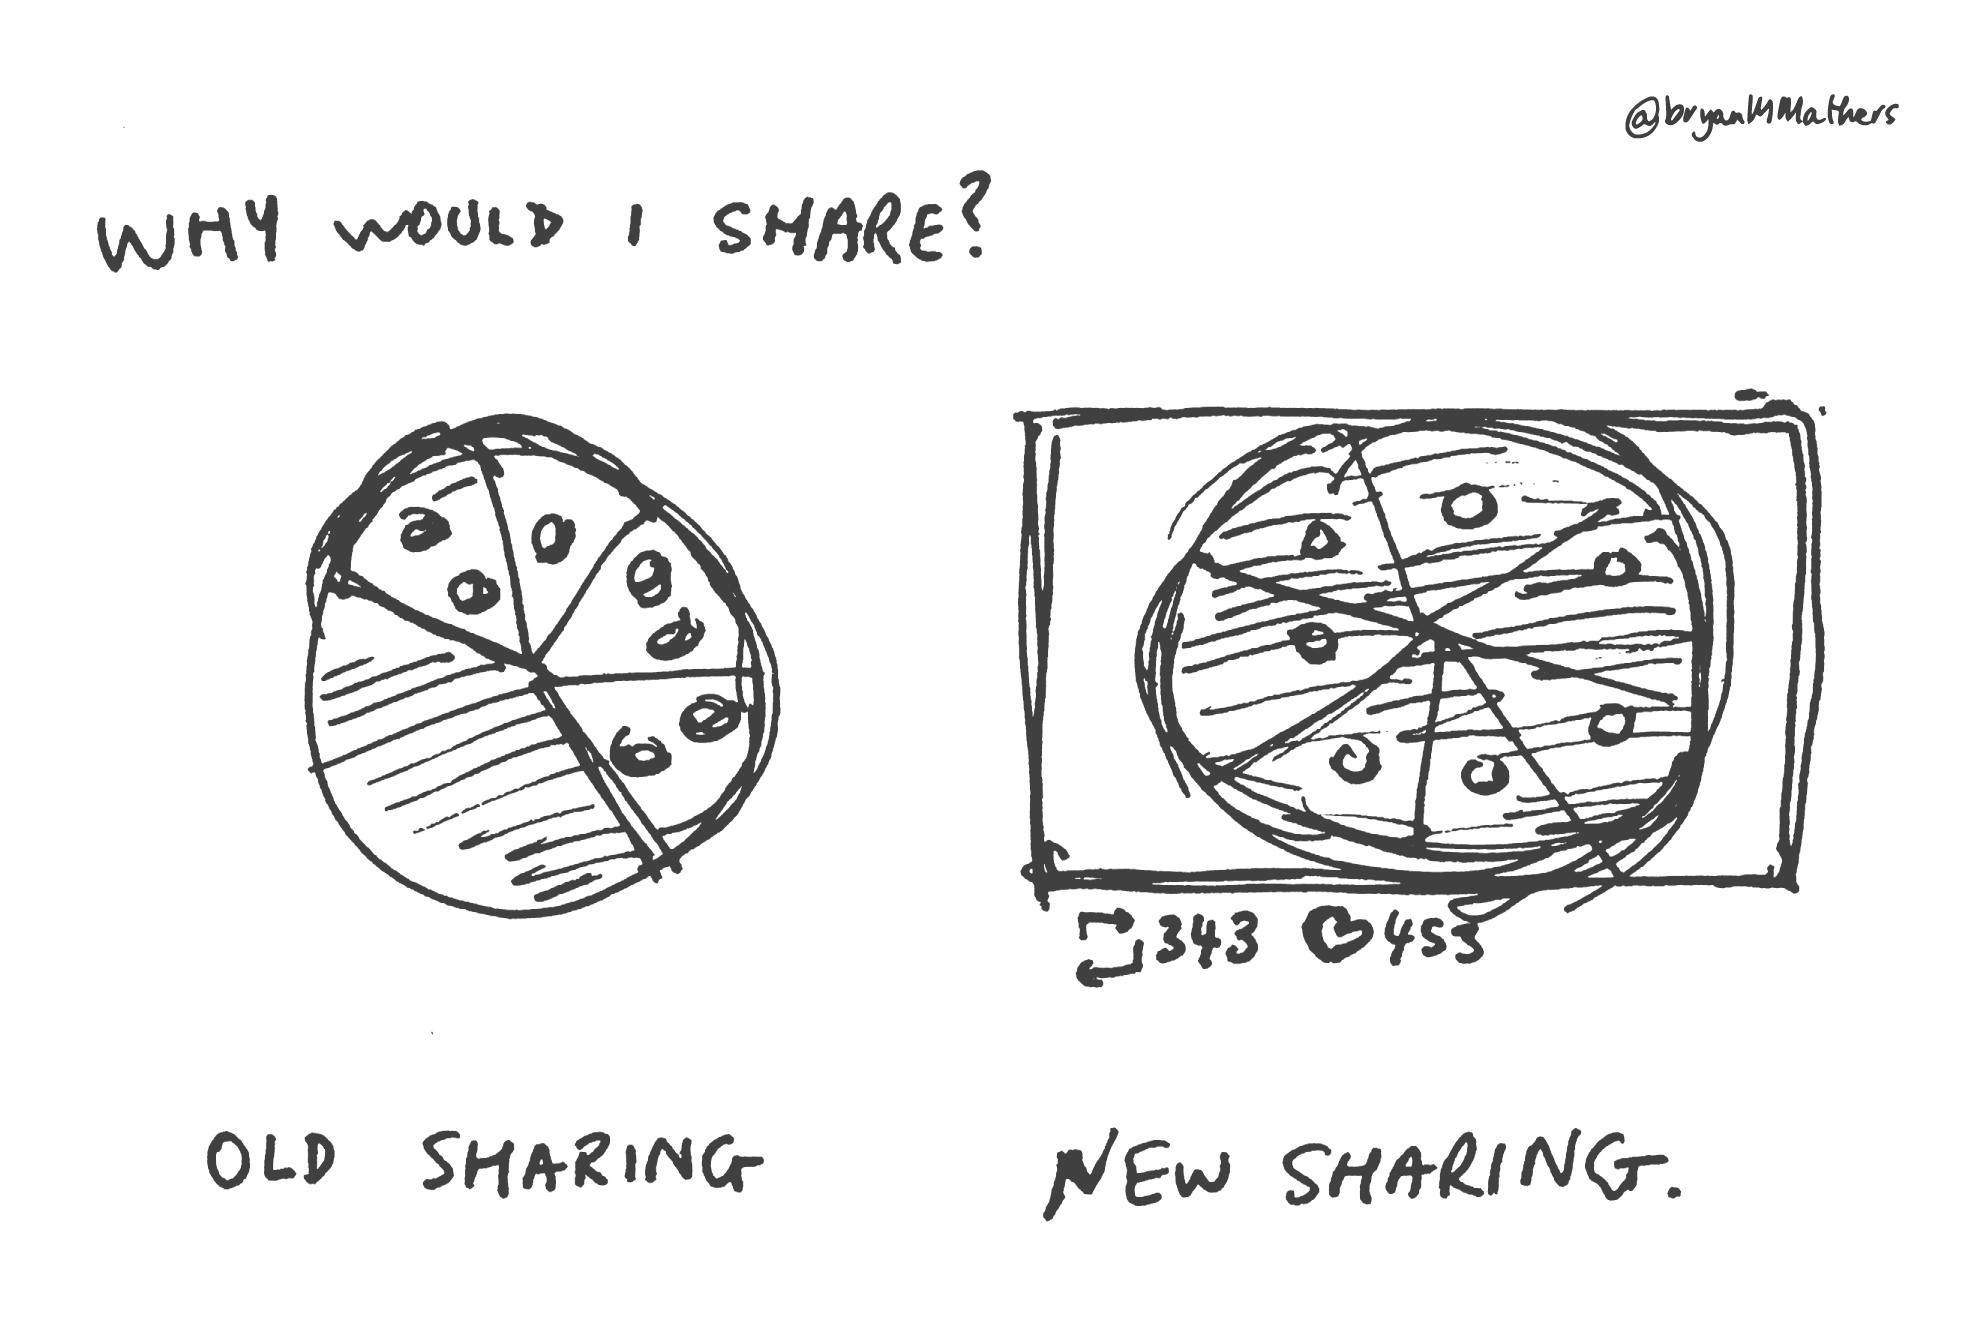 Old sharing vs New sharing